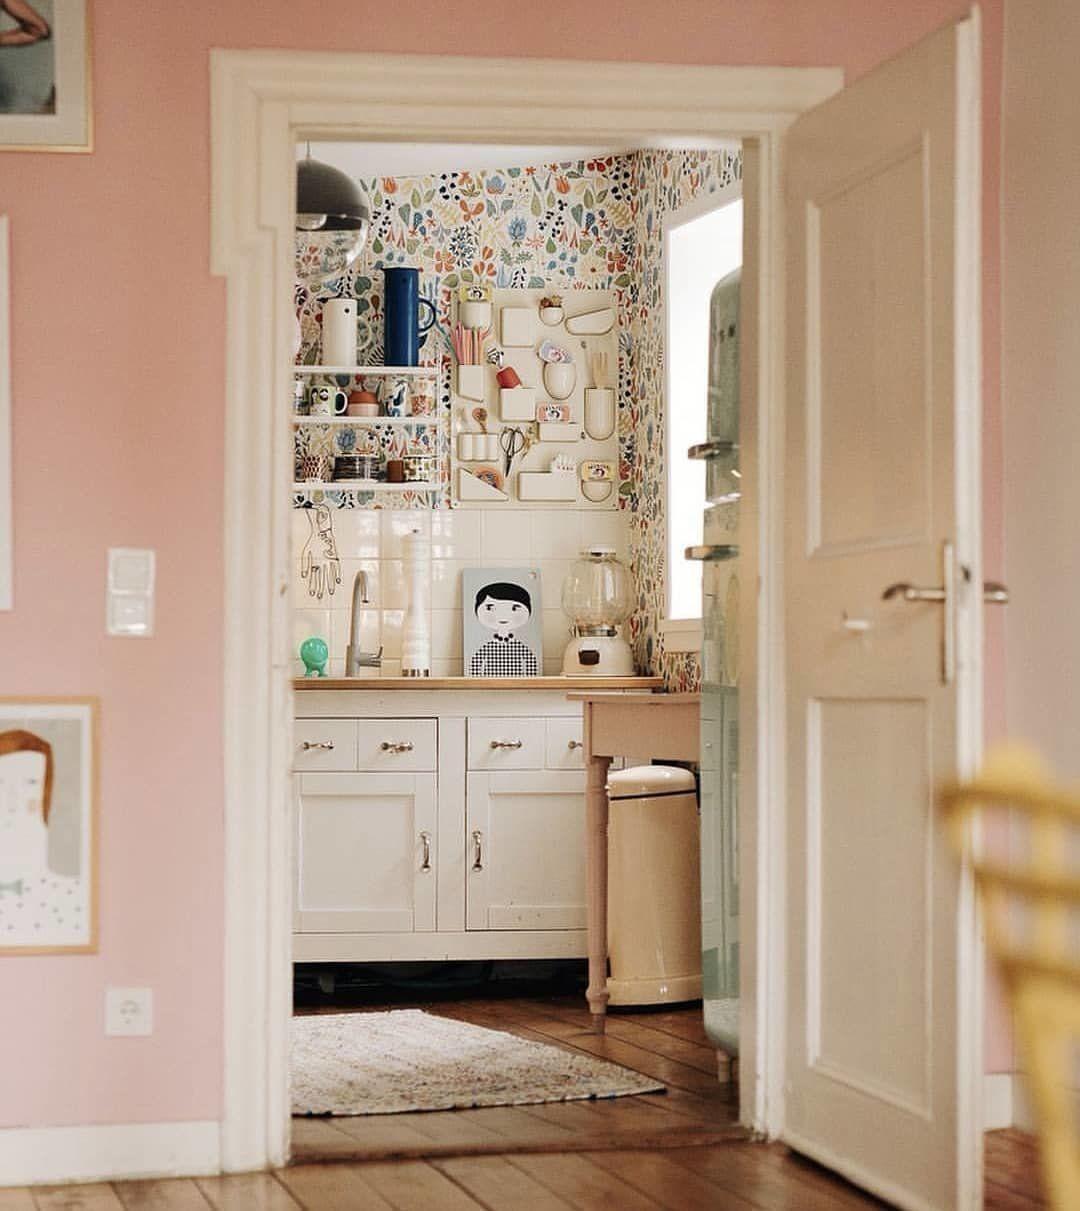 Wandfarbe Altrosa & Rosa - Die schönsten Ideen